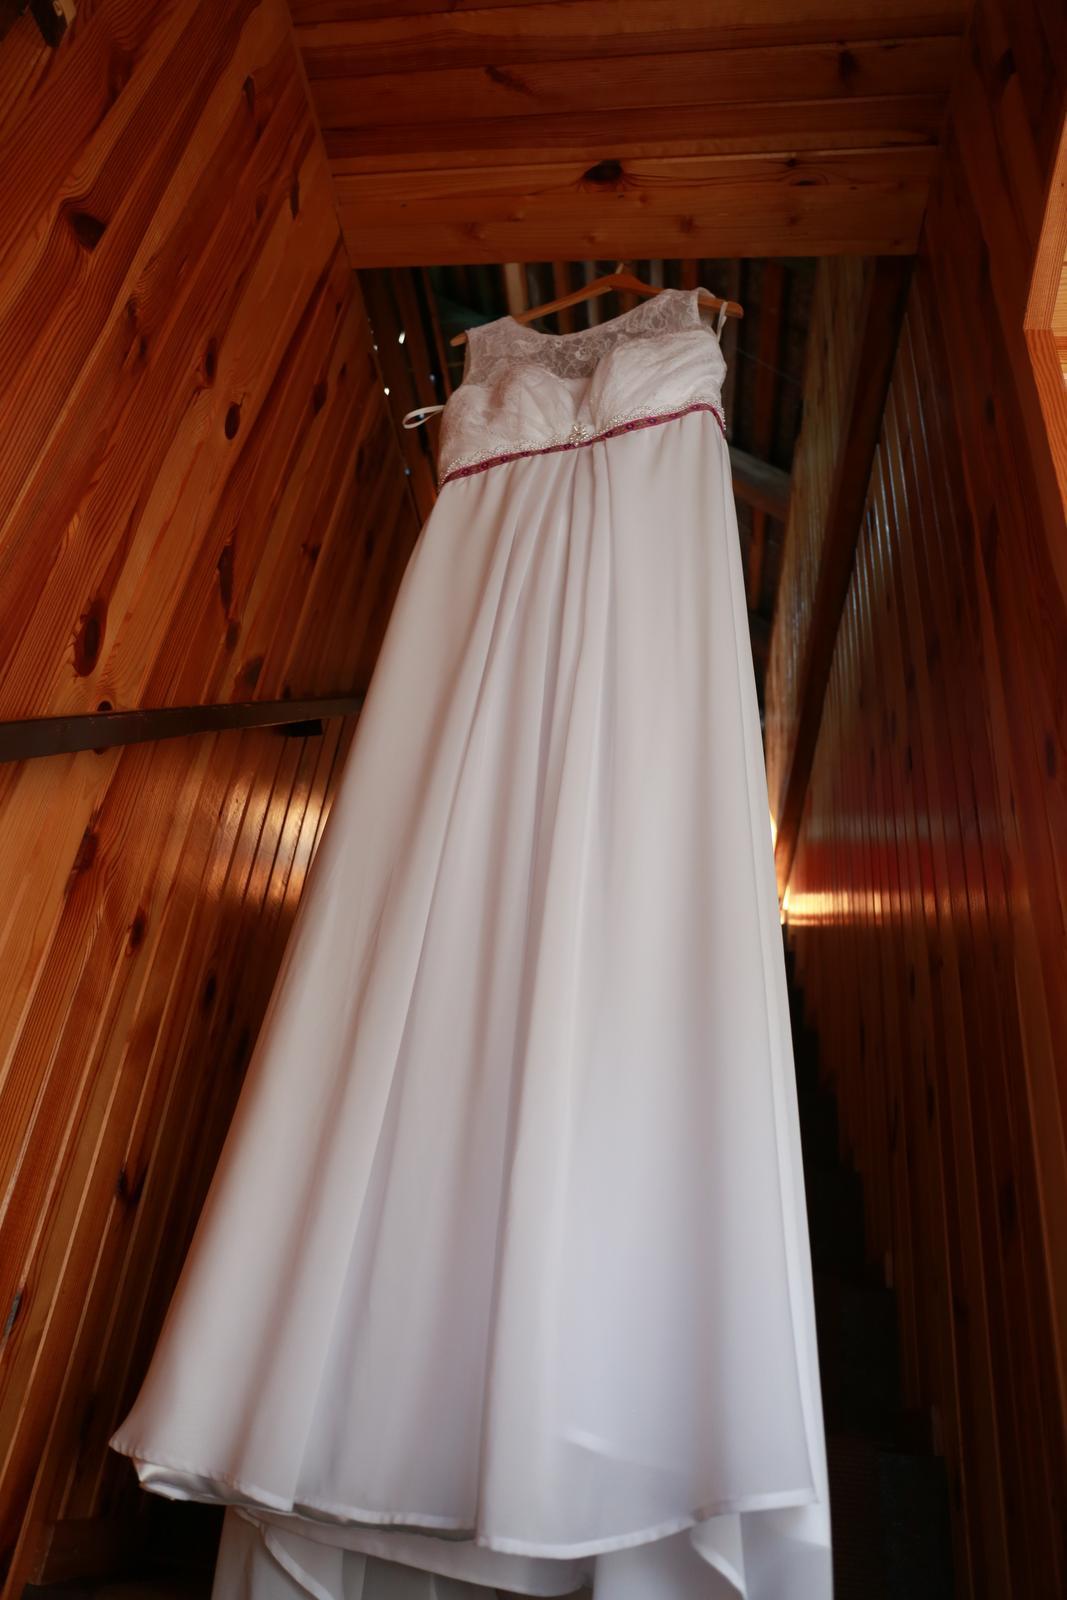 svadobné šaty aj na ľudovú nôtu - Obrázok č. 2